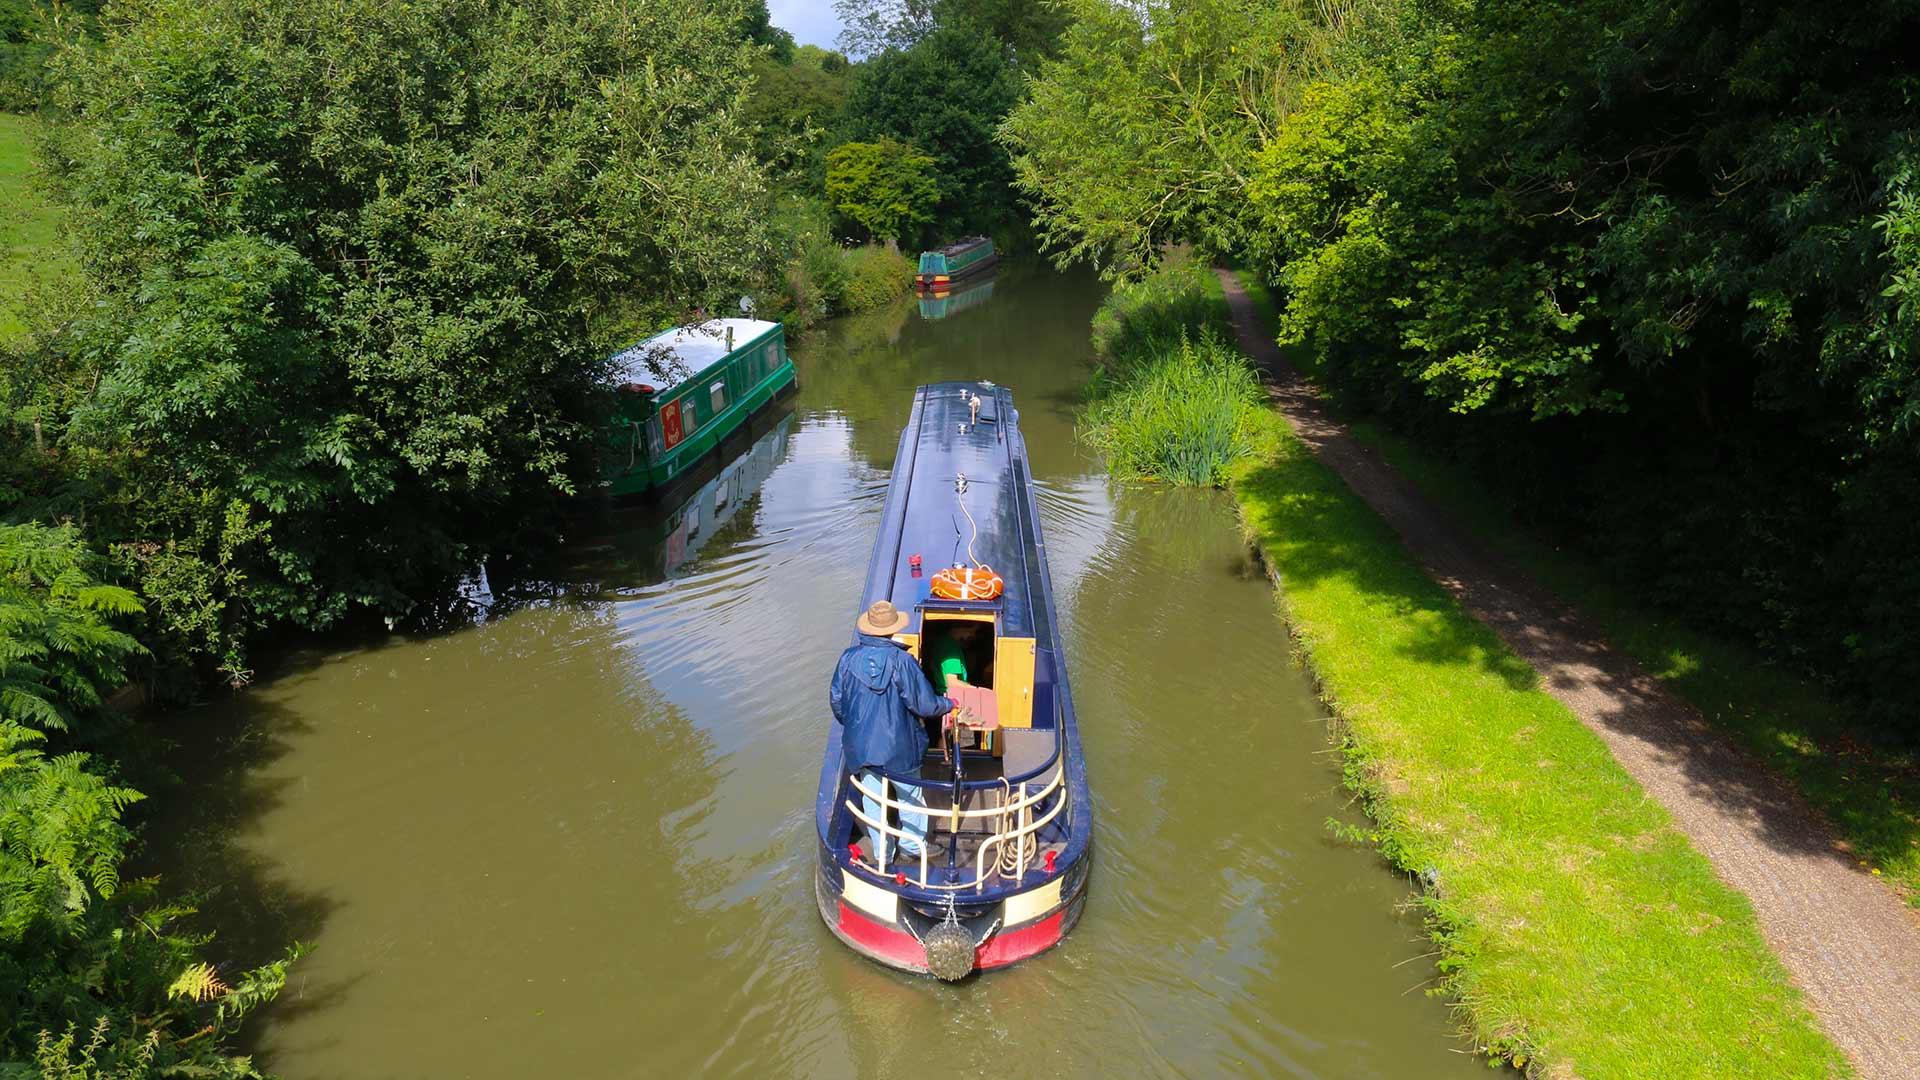 Leighton-Buzzard-grand-union-canal